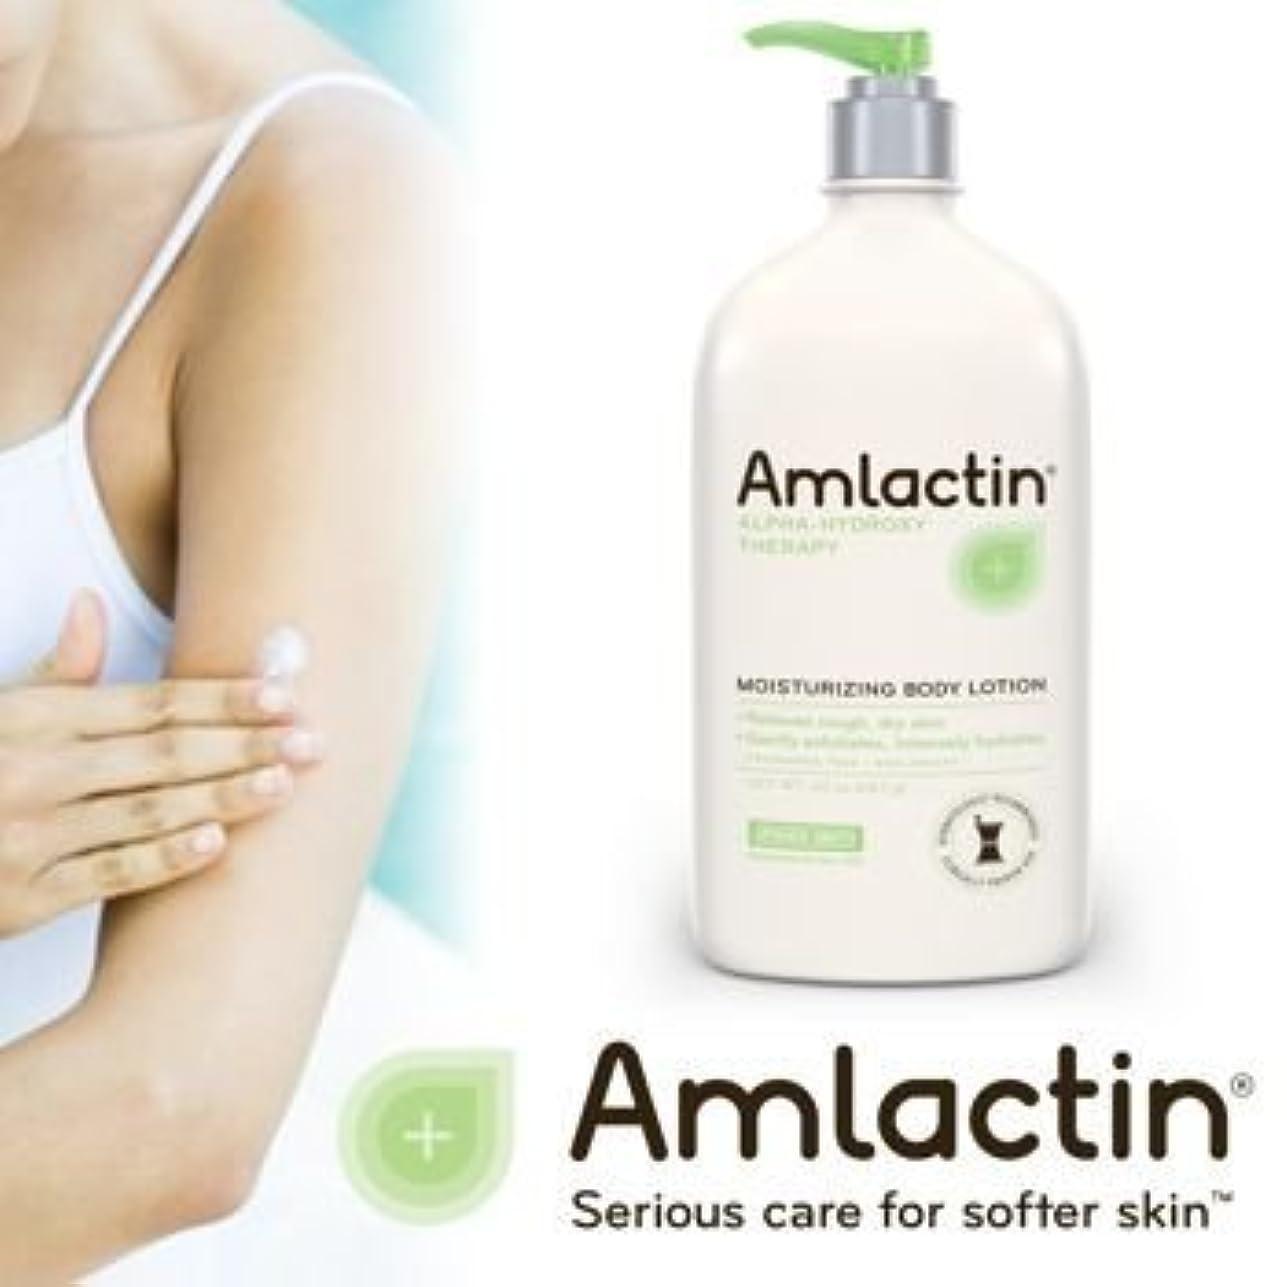 初心者祖母スキムアムラクティン 保湿液 (乾燥肌のため) - 12% 乳酸 - AmLactin 12 % Moisturizing Lotion - 500 g / 17.6 oz (Product packaging may vary)